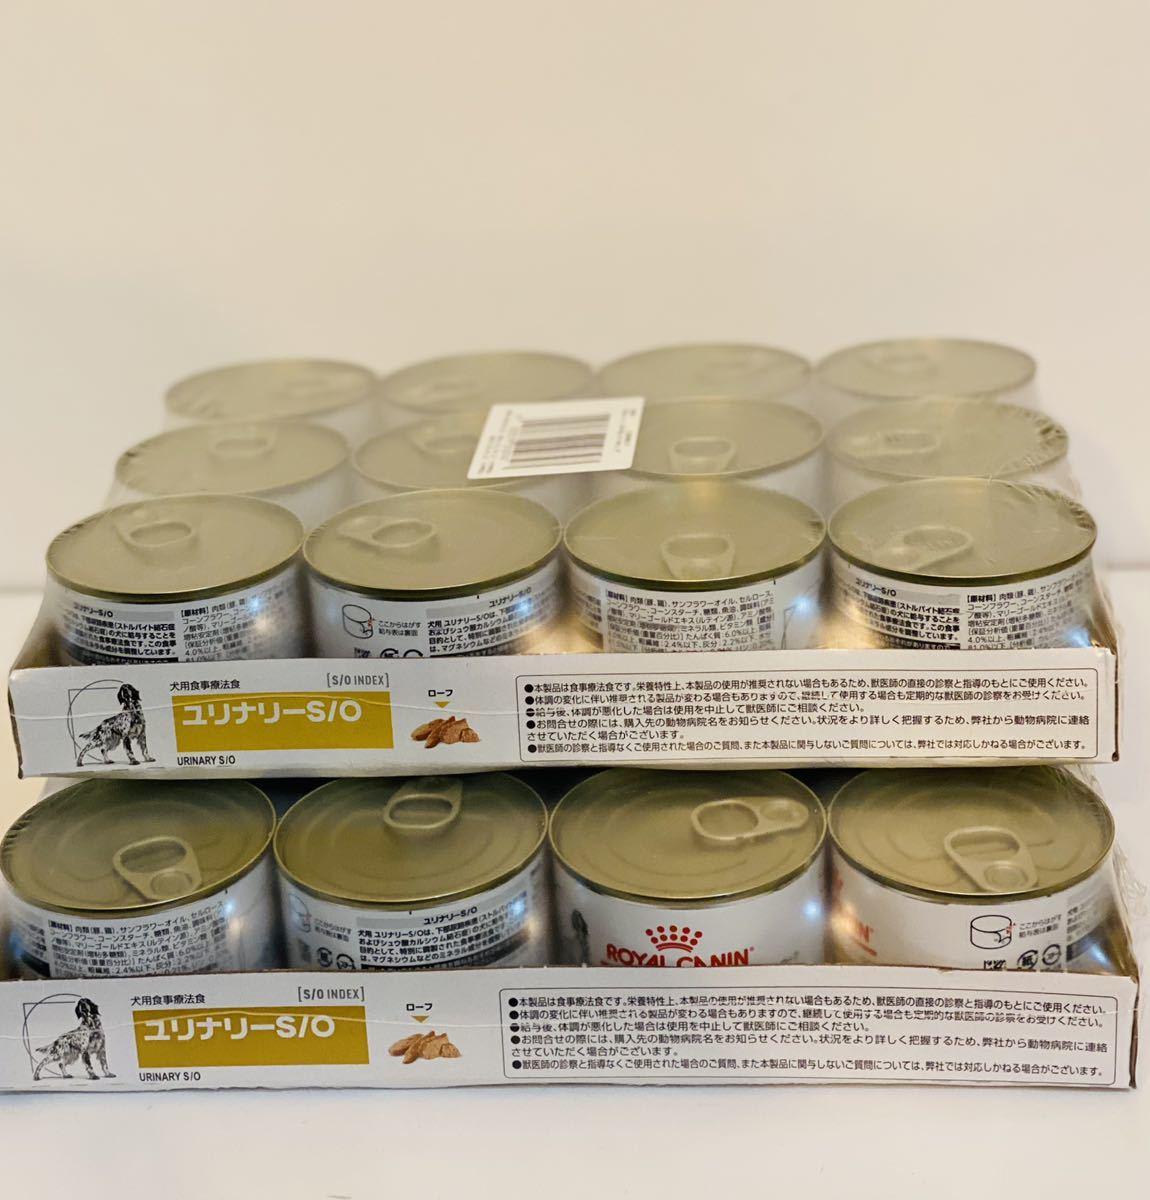 ロイヤルカナン 犬用 ユリナリー s/o 2ケース 24缶